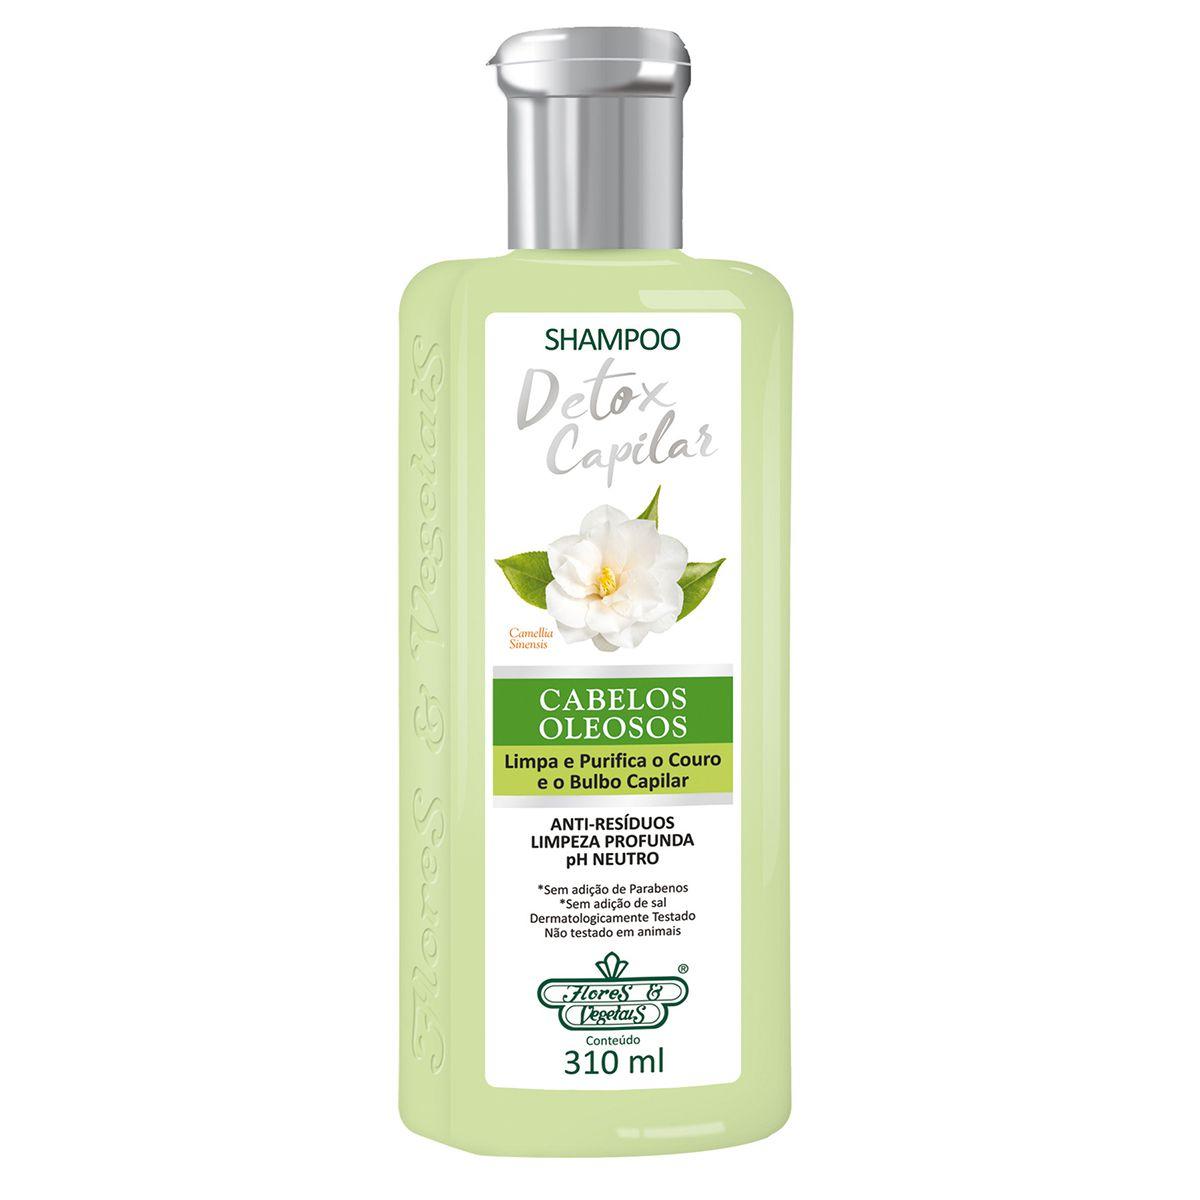 Shampoo Flores e Vegetais Detox Capilar 310ml